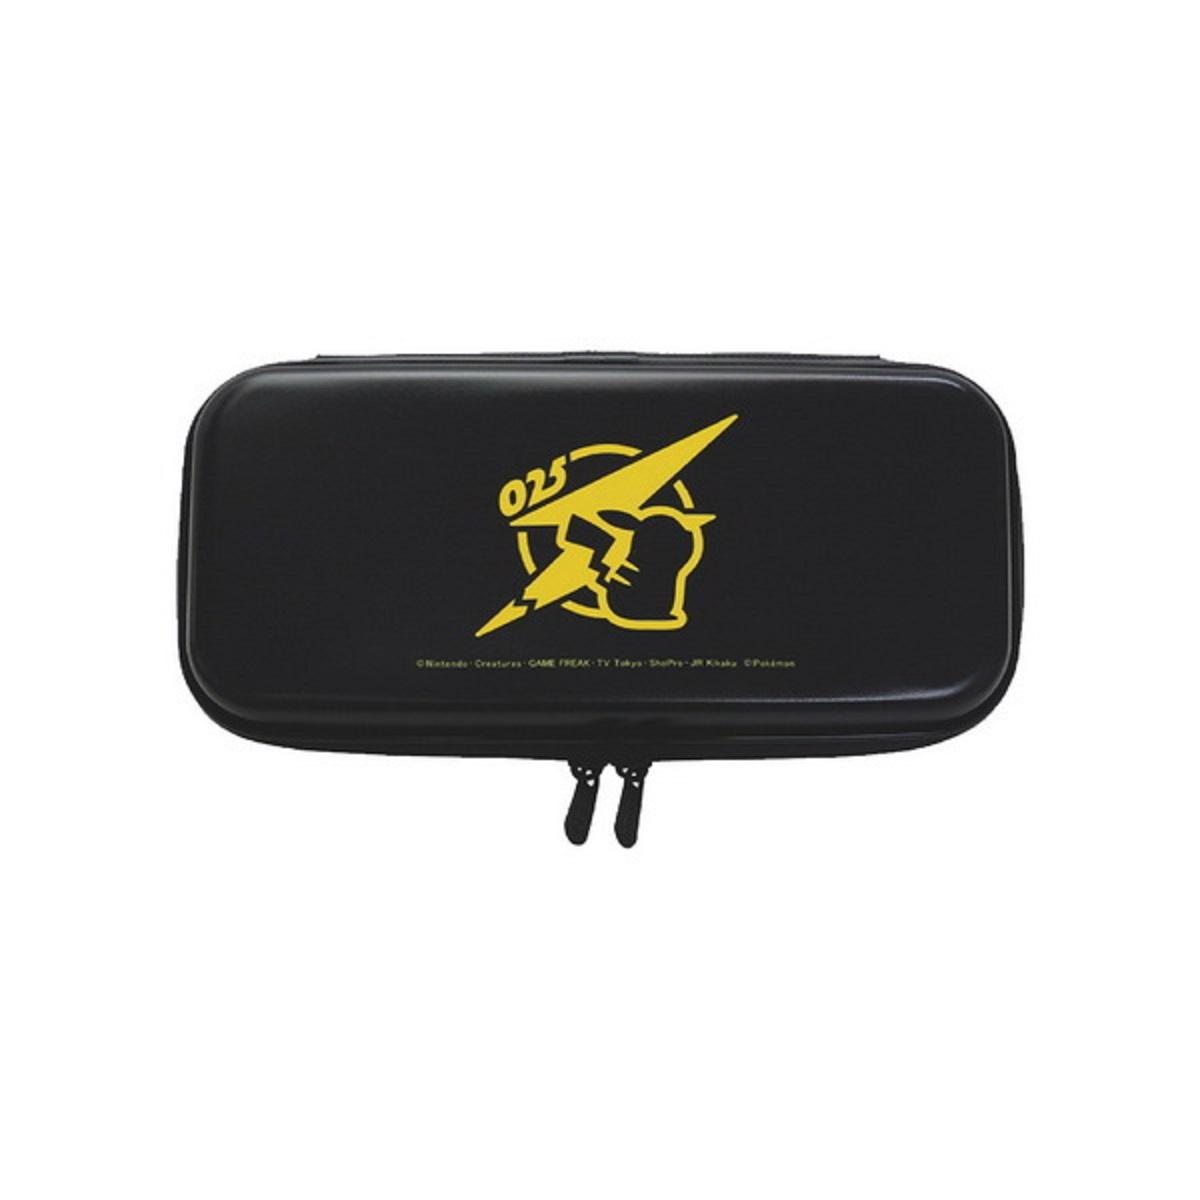 กระเป๋าสำหรับ Switch/Switch Lite (สีดำ) รุ่น POUCH PIKACHU COOL